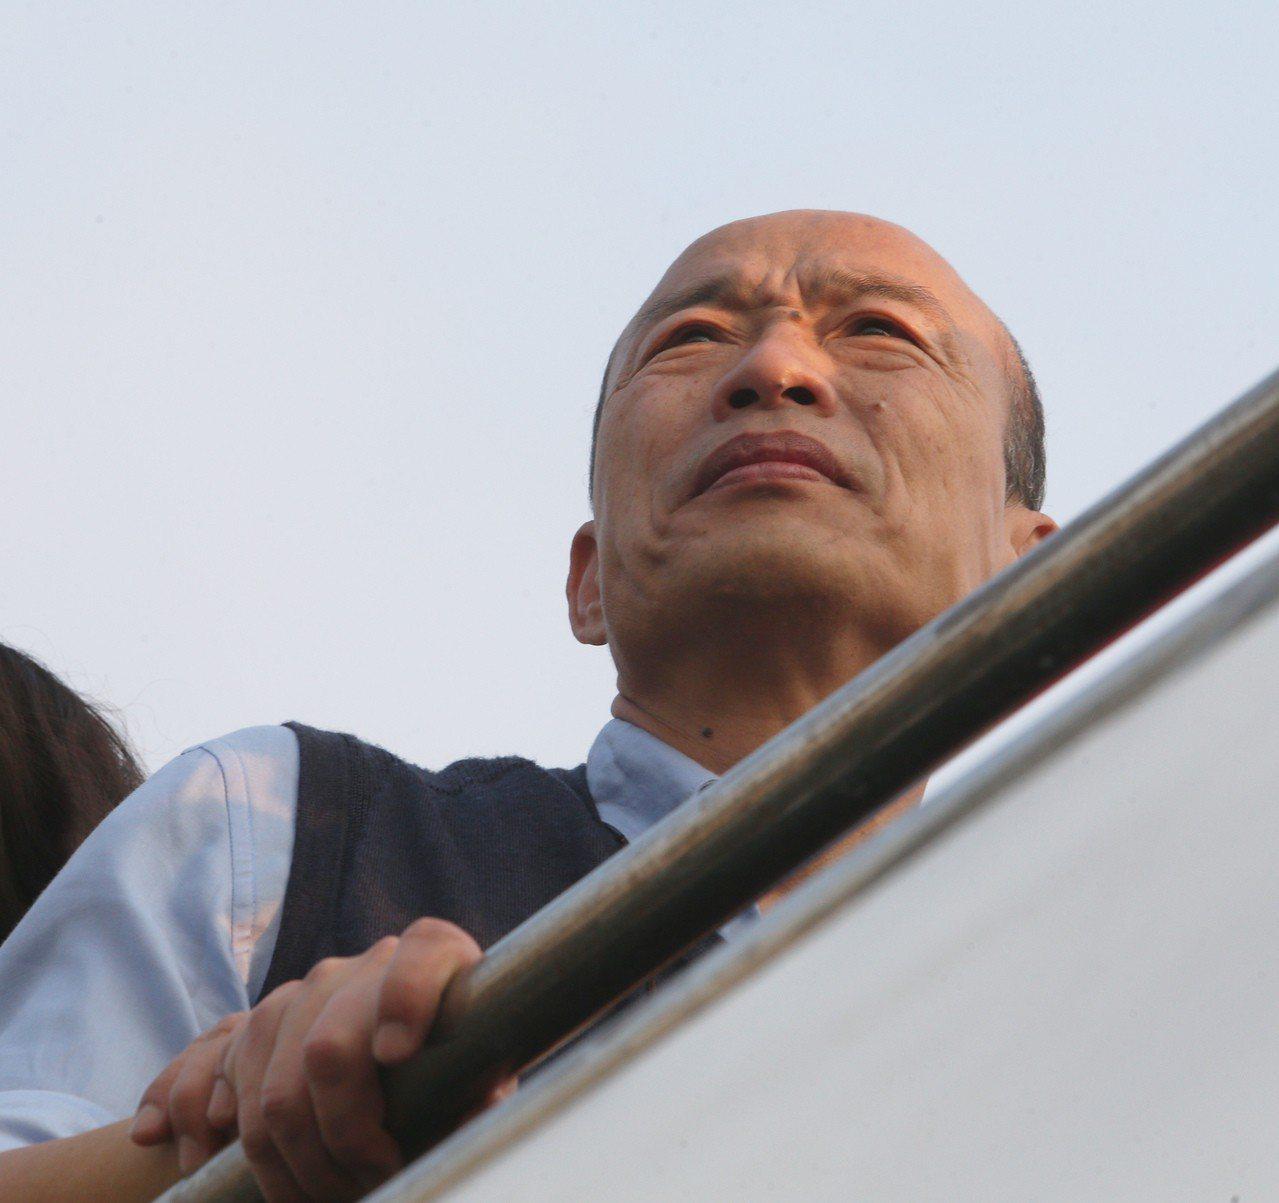 高雄市長韓國瑜下午出席高雄市輪船公司舉辦的新遊港航班記者會,並搭船直播介紹高雄港...